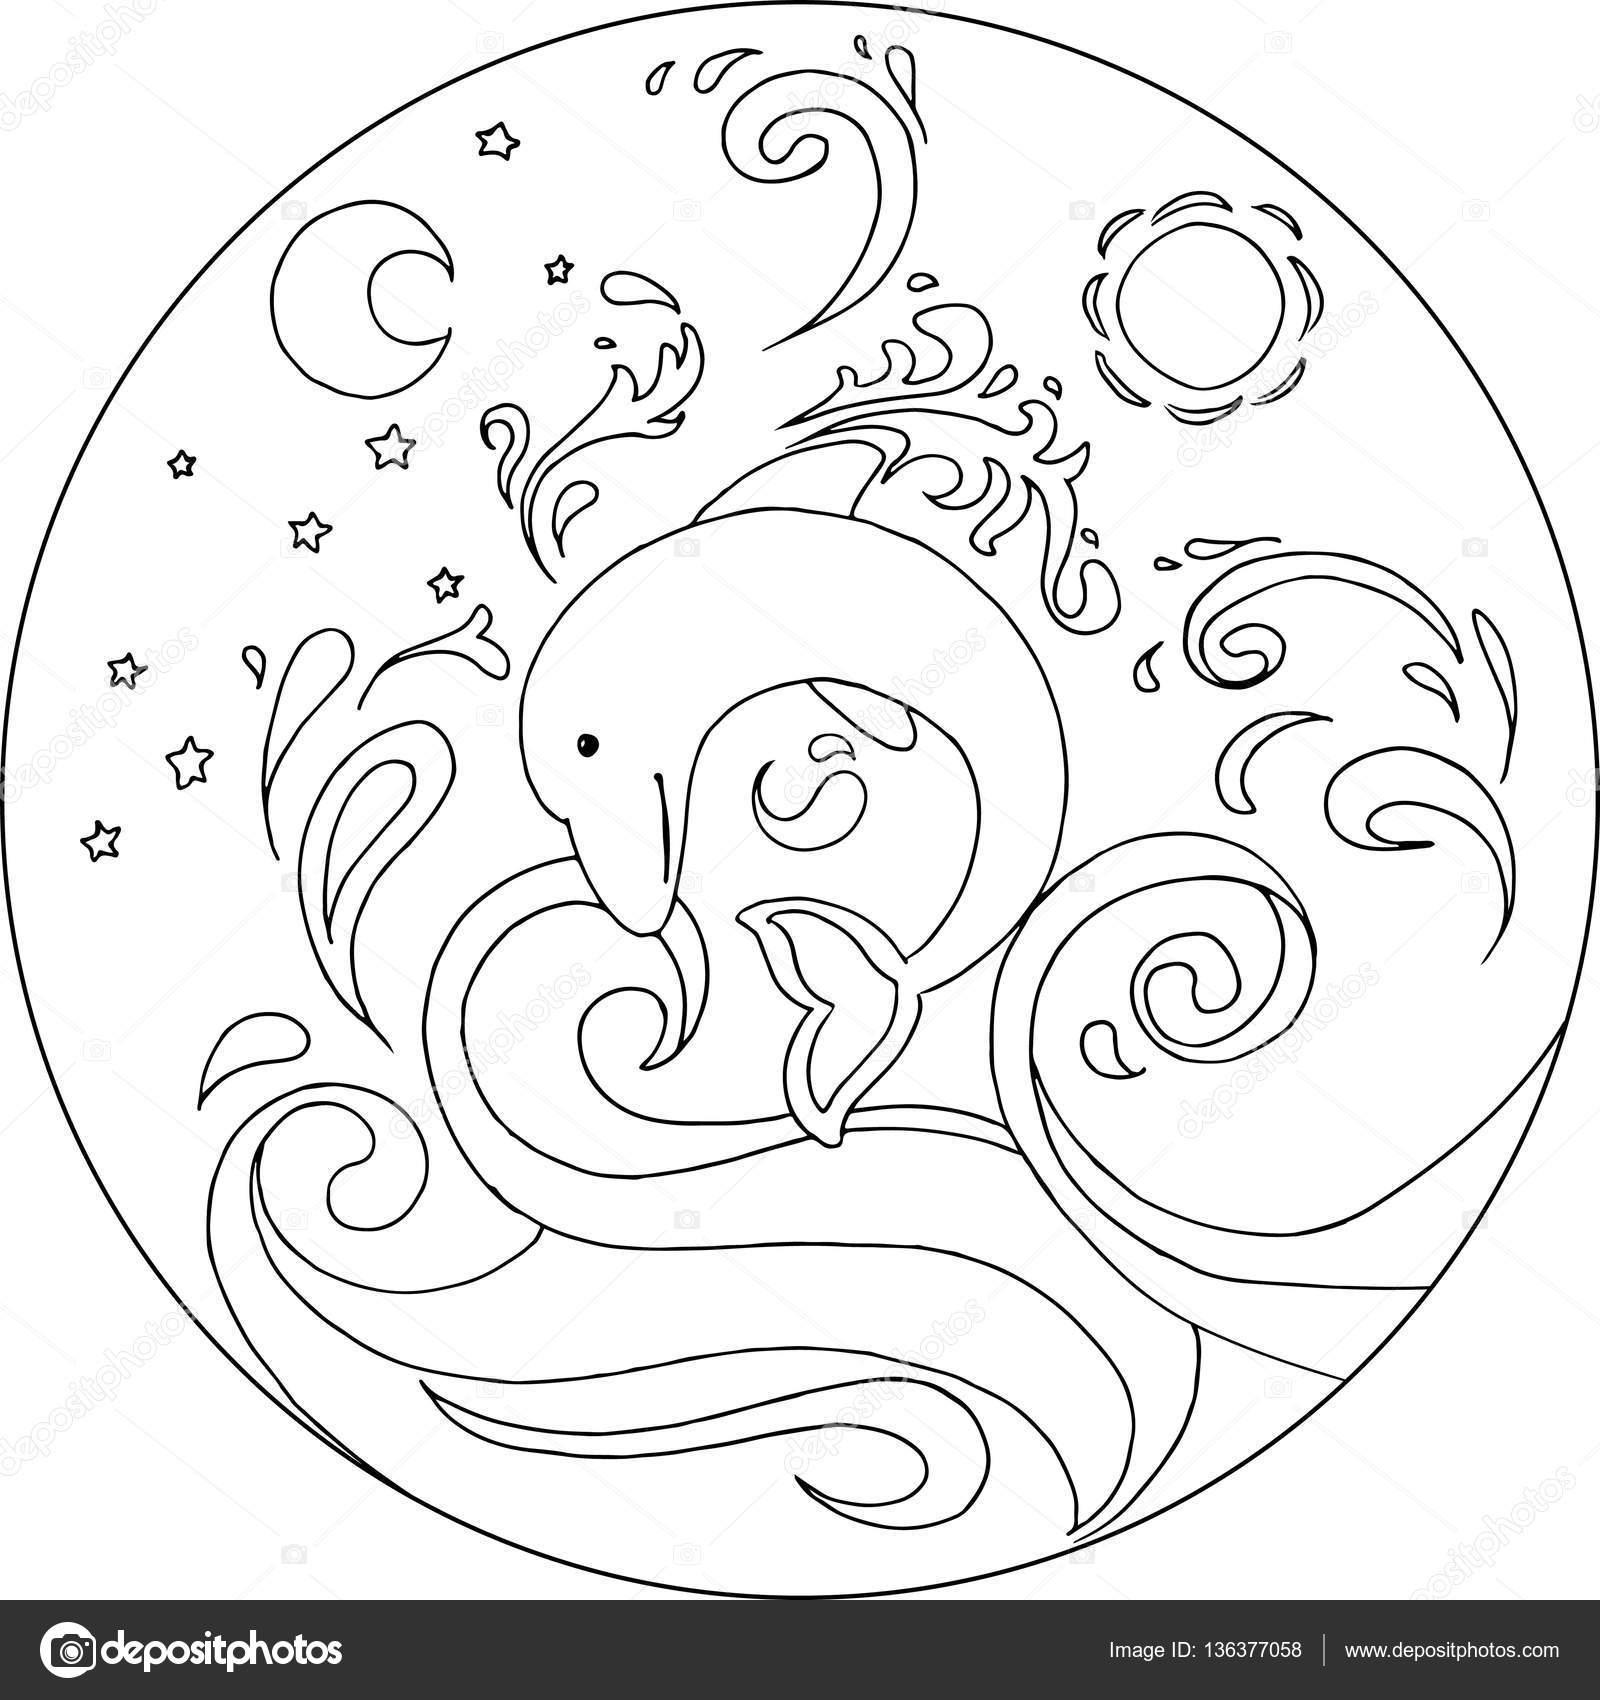 Coloriage Dauphin Mandala.Vecteur De Coloriage Mandala Dauphin Image Vectorielle